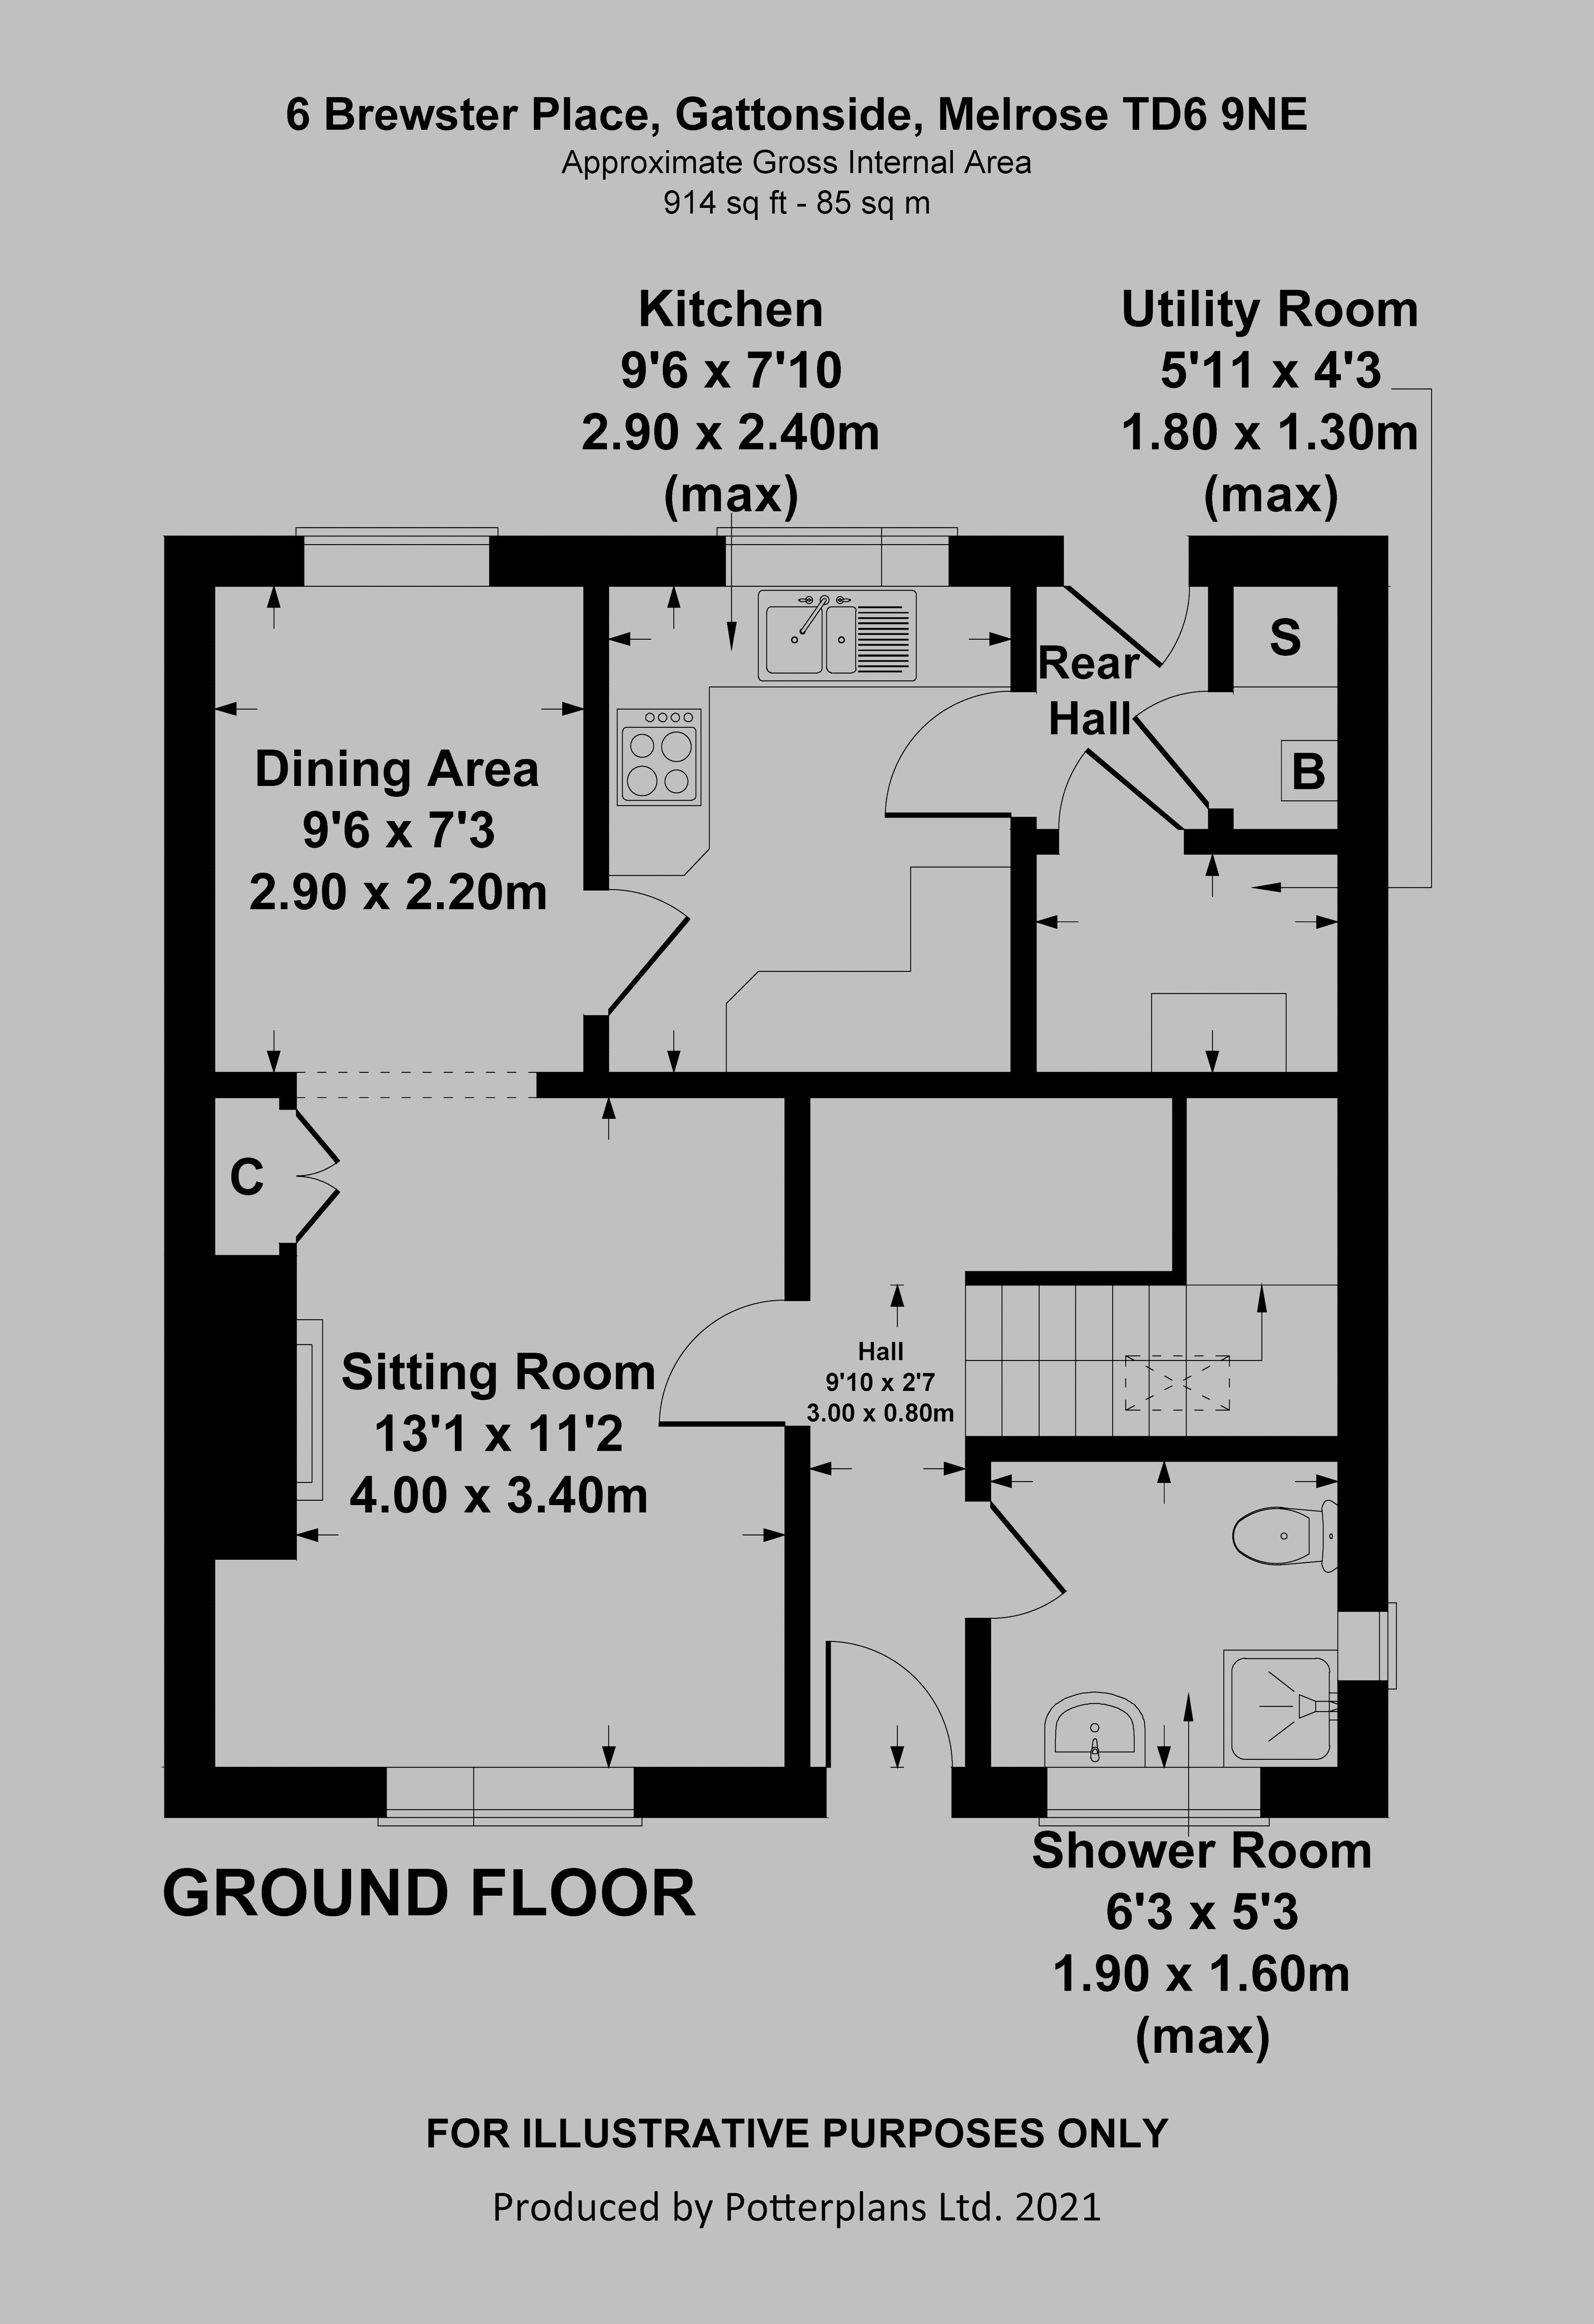 6 Brewster Place Ground Floor